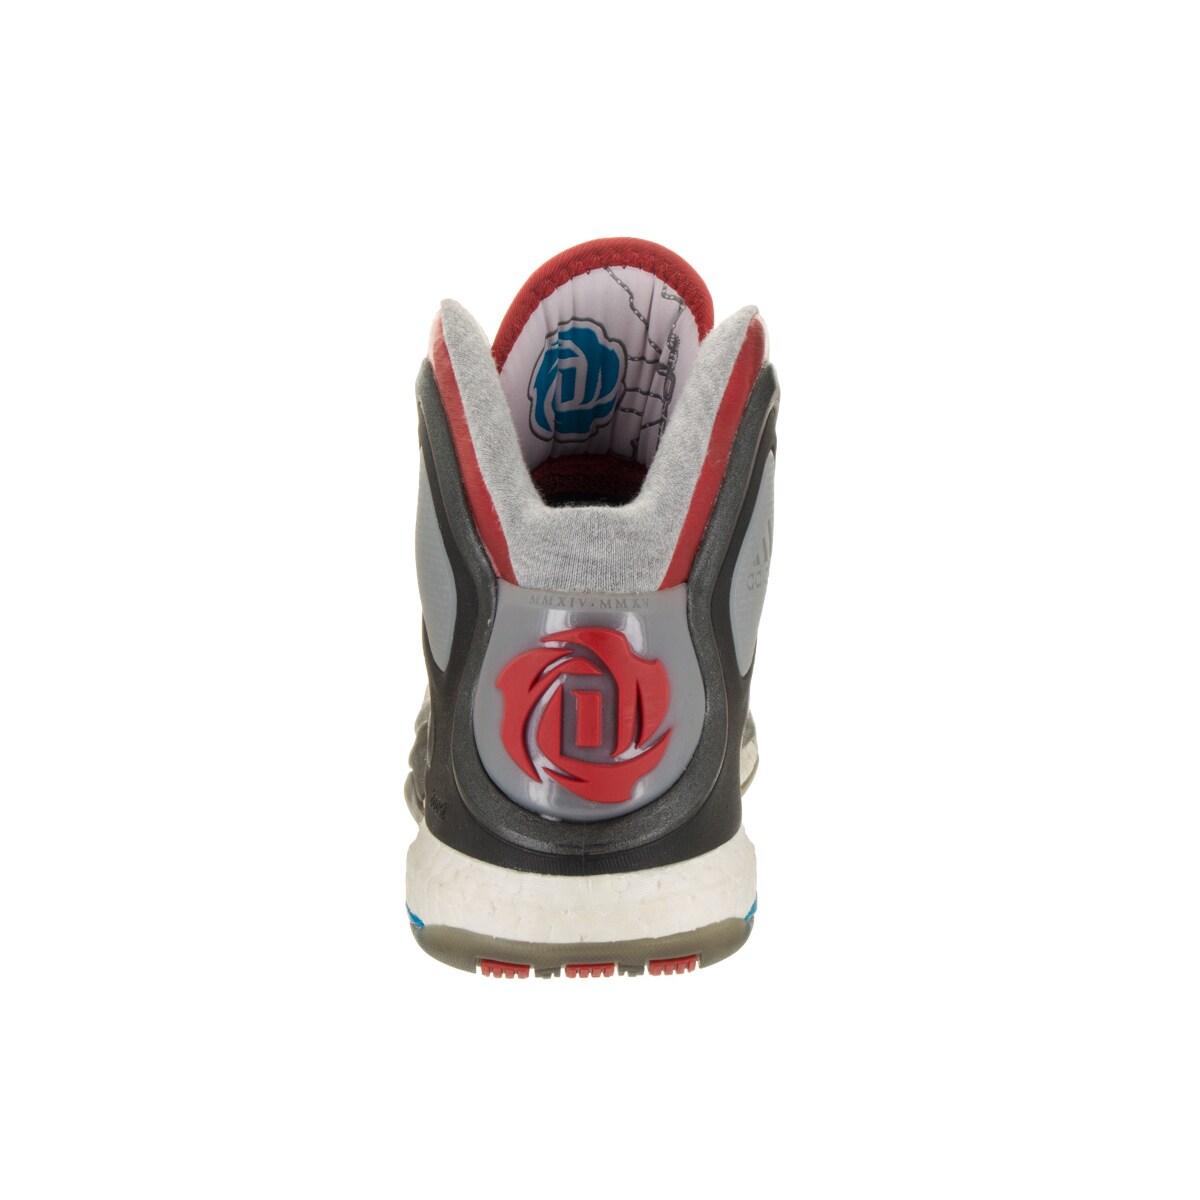 adidas d rose 5 boost c75593